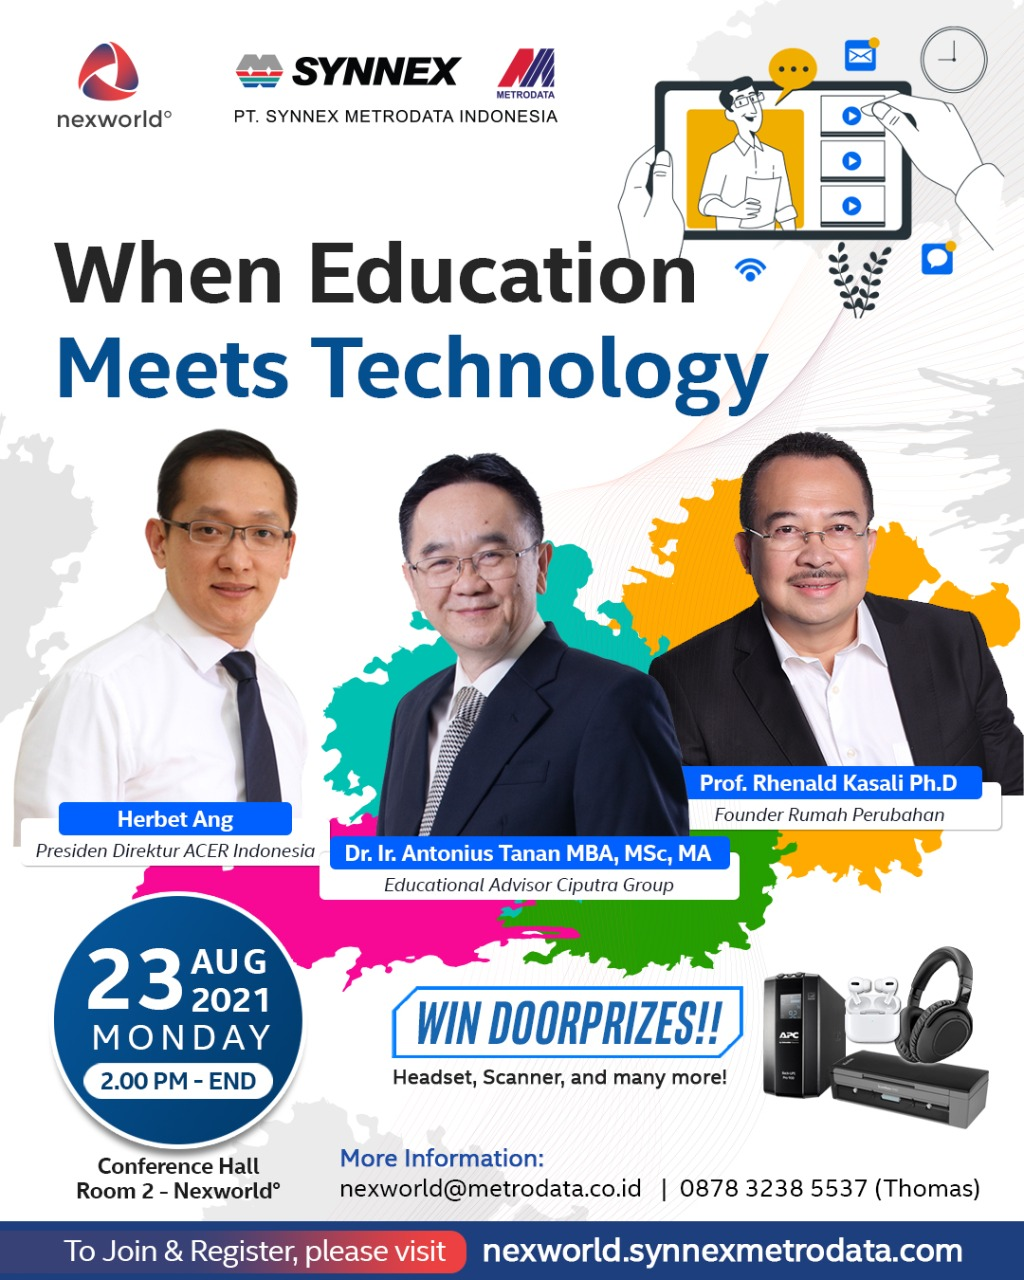 https://www.synnexmetrodata.com/wp-content/uploads/2021/08/Webinar-Nexworld-When-Education-Meets-Technology.jpeg